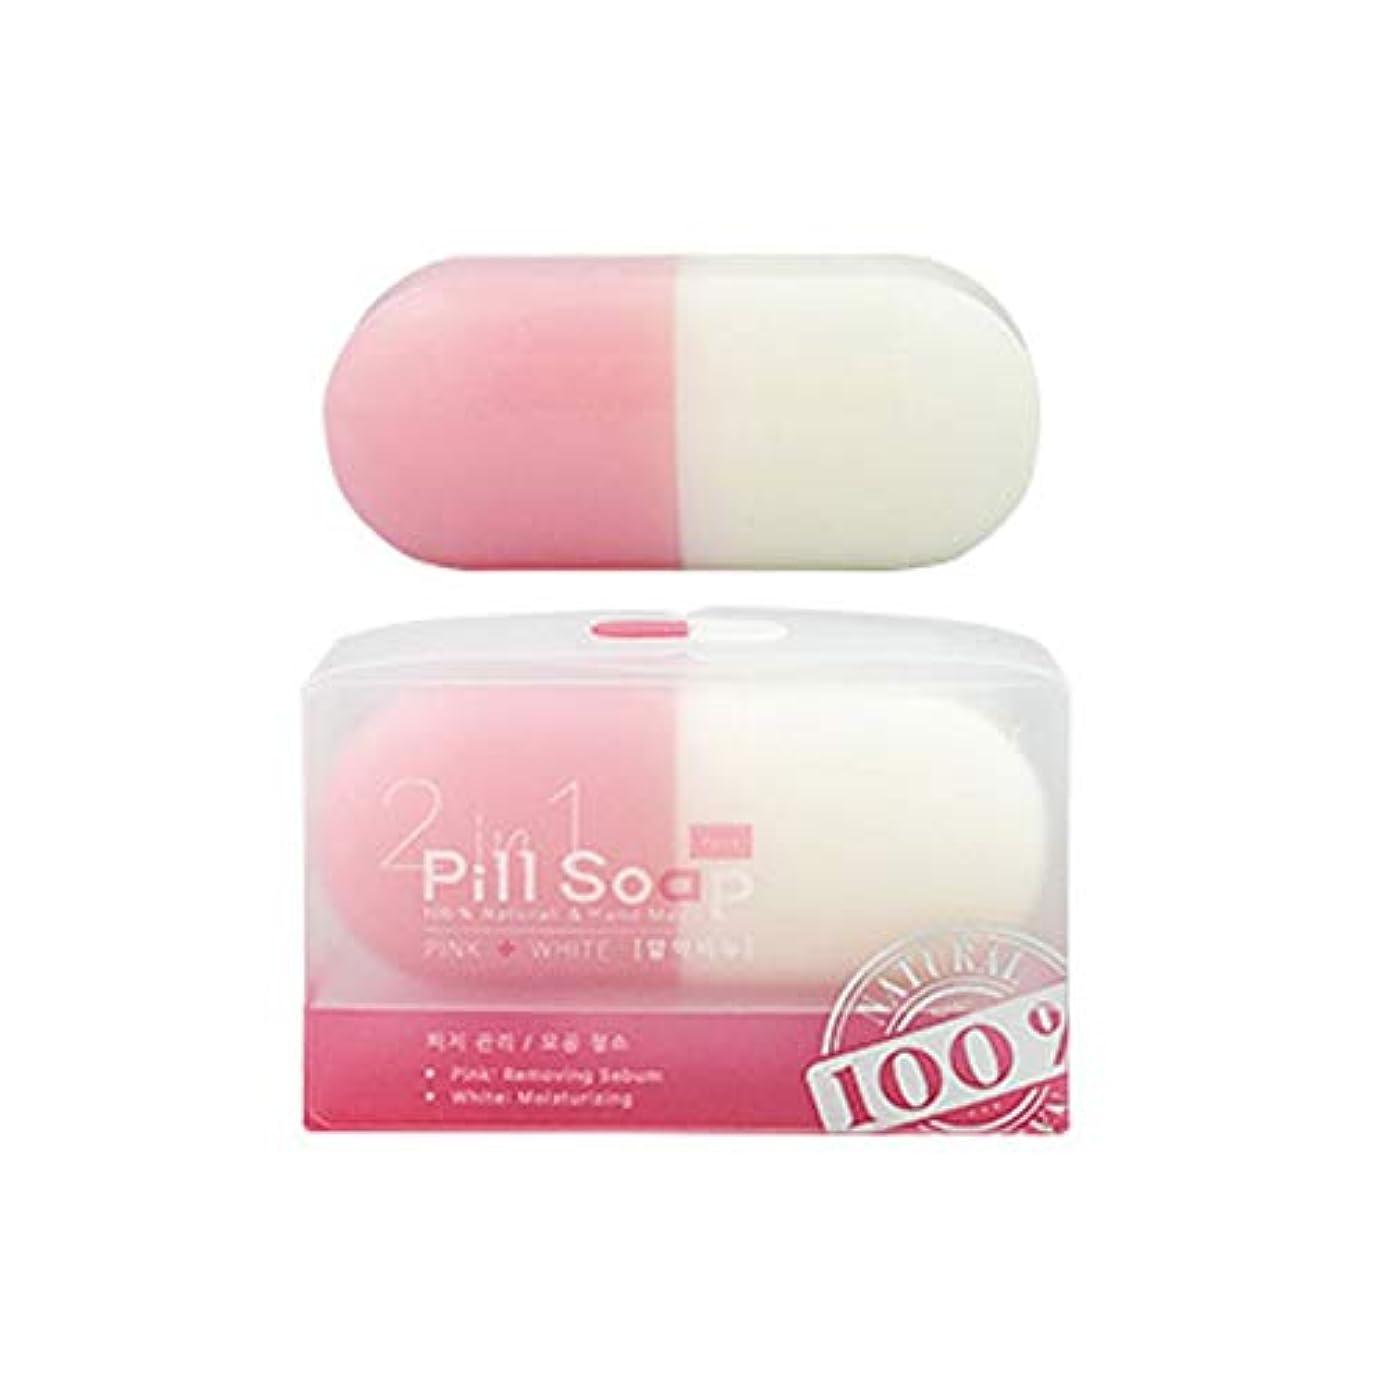 巨大所属ナビゲーションMINI RABBIT ミニラビット カプセルソープ 100g 韓国コスメ 皮脂 角質 美白 石けん ピンク